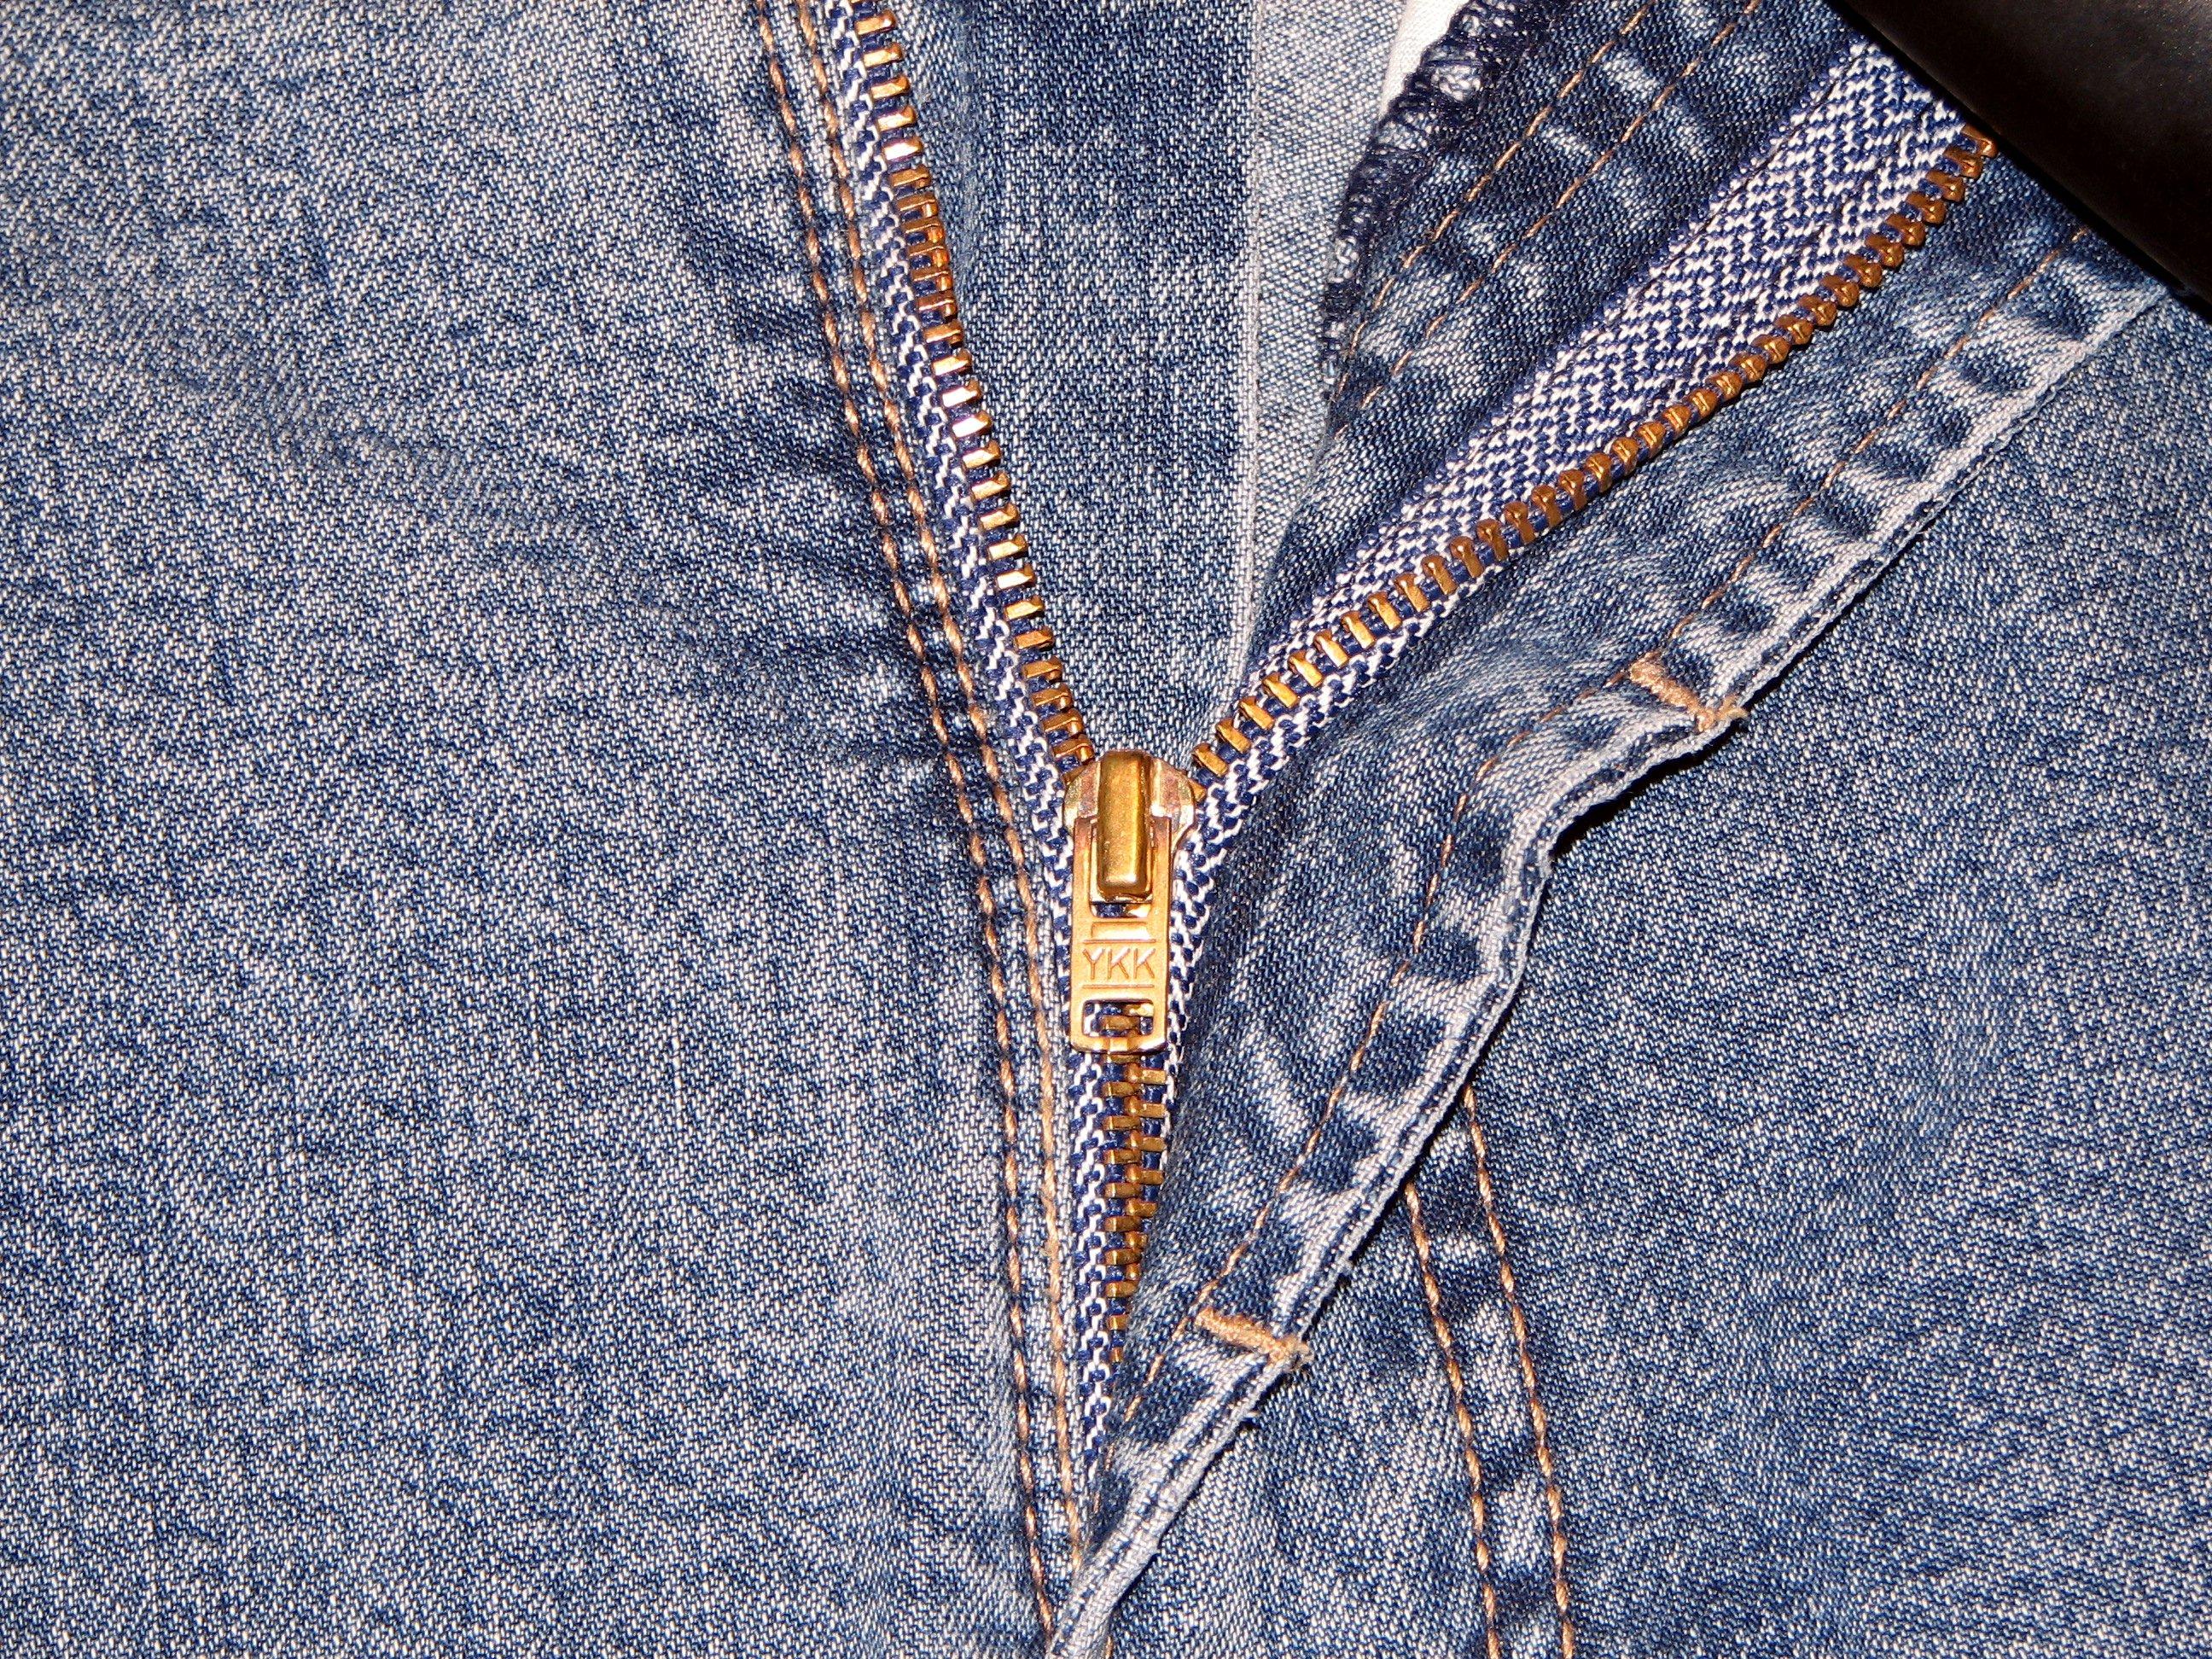 File:YKK Zipper on Jeans.JPG